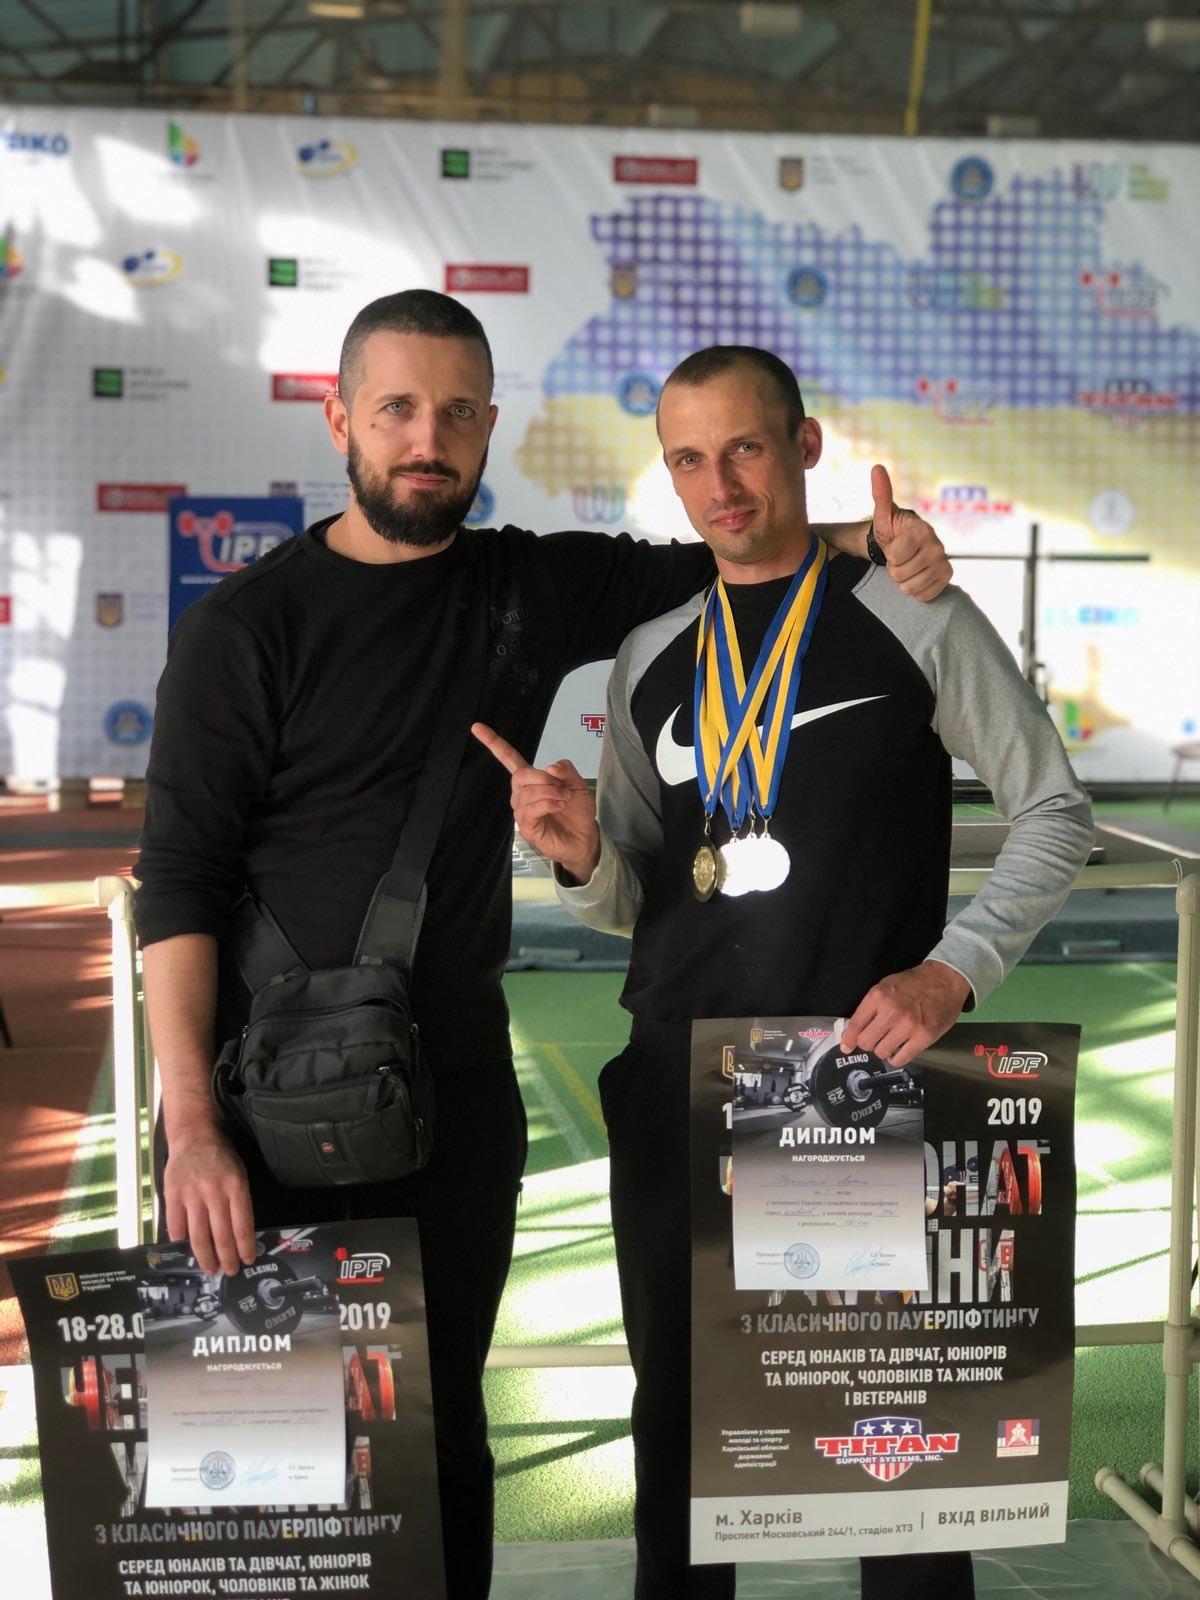 Каменчане стали чемпионами Украины по пауэрлифтингу, фото-7